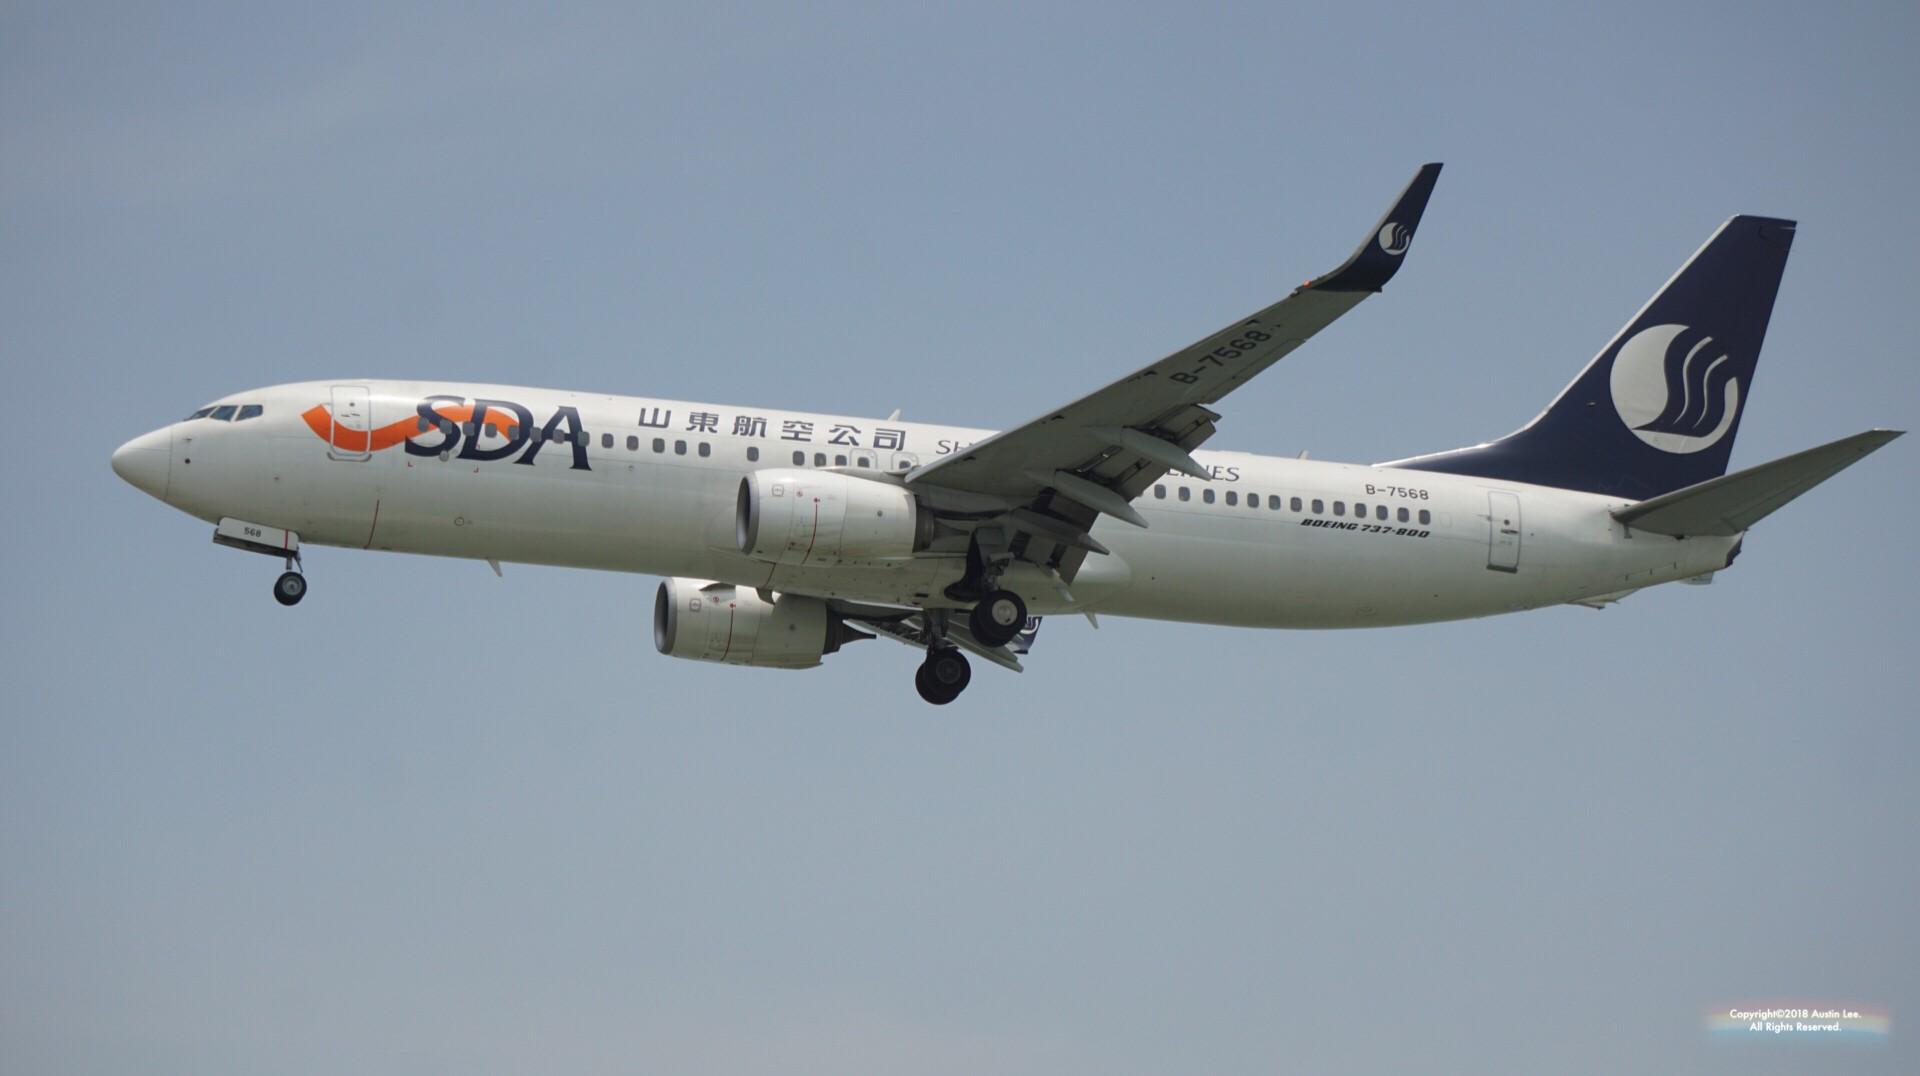 Re:[原创]【XMN】【多图】来接max~首次在厦门和死党们拍机~May.26th记 BOEING 737-800 B-7568 中国厦门高崎国际机场